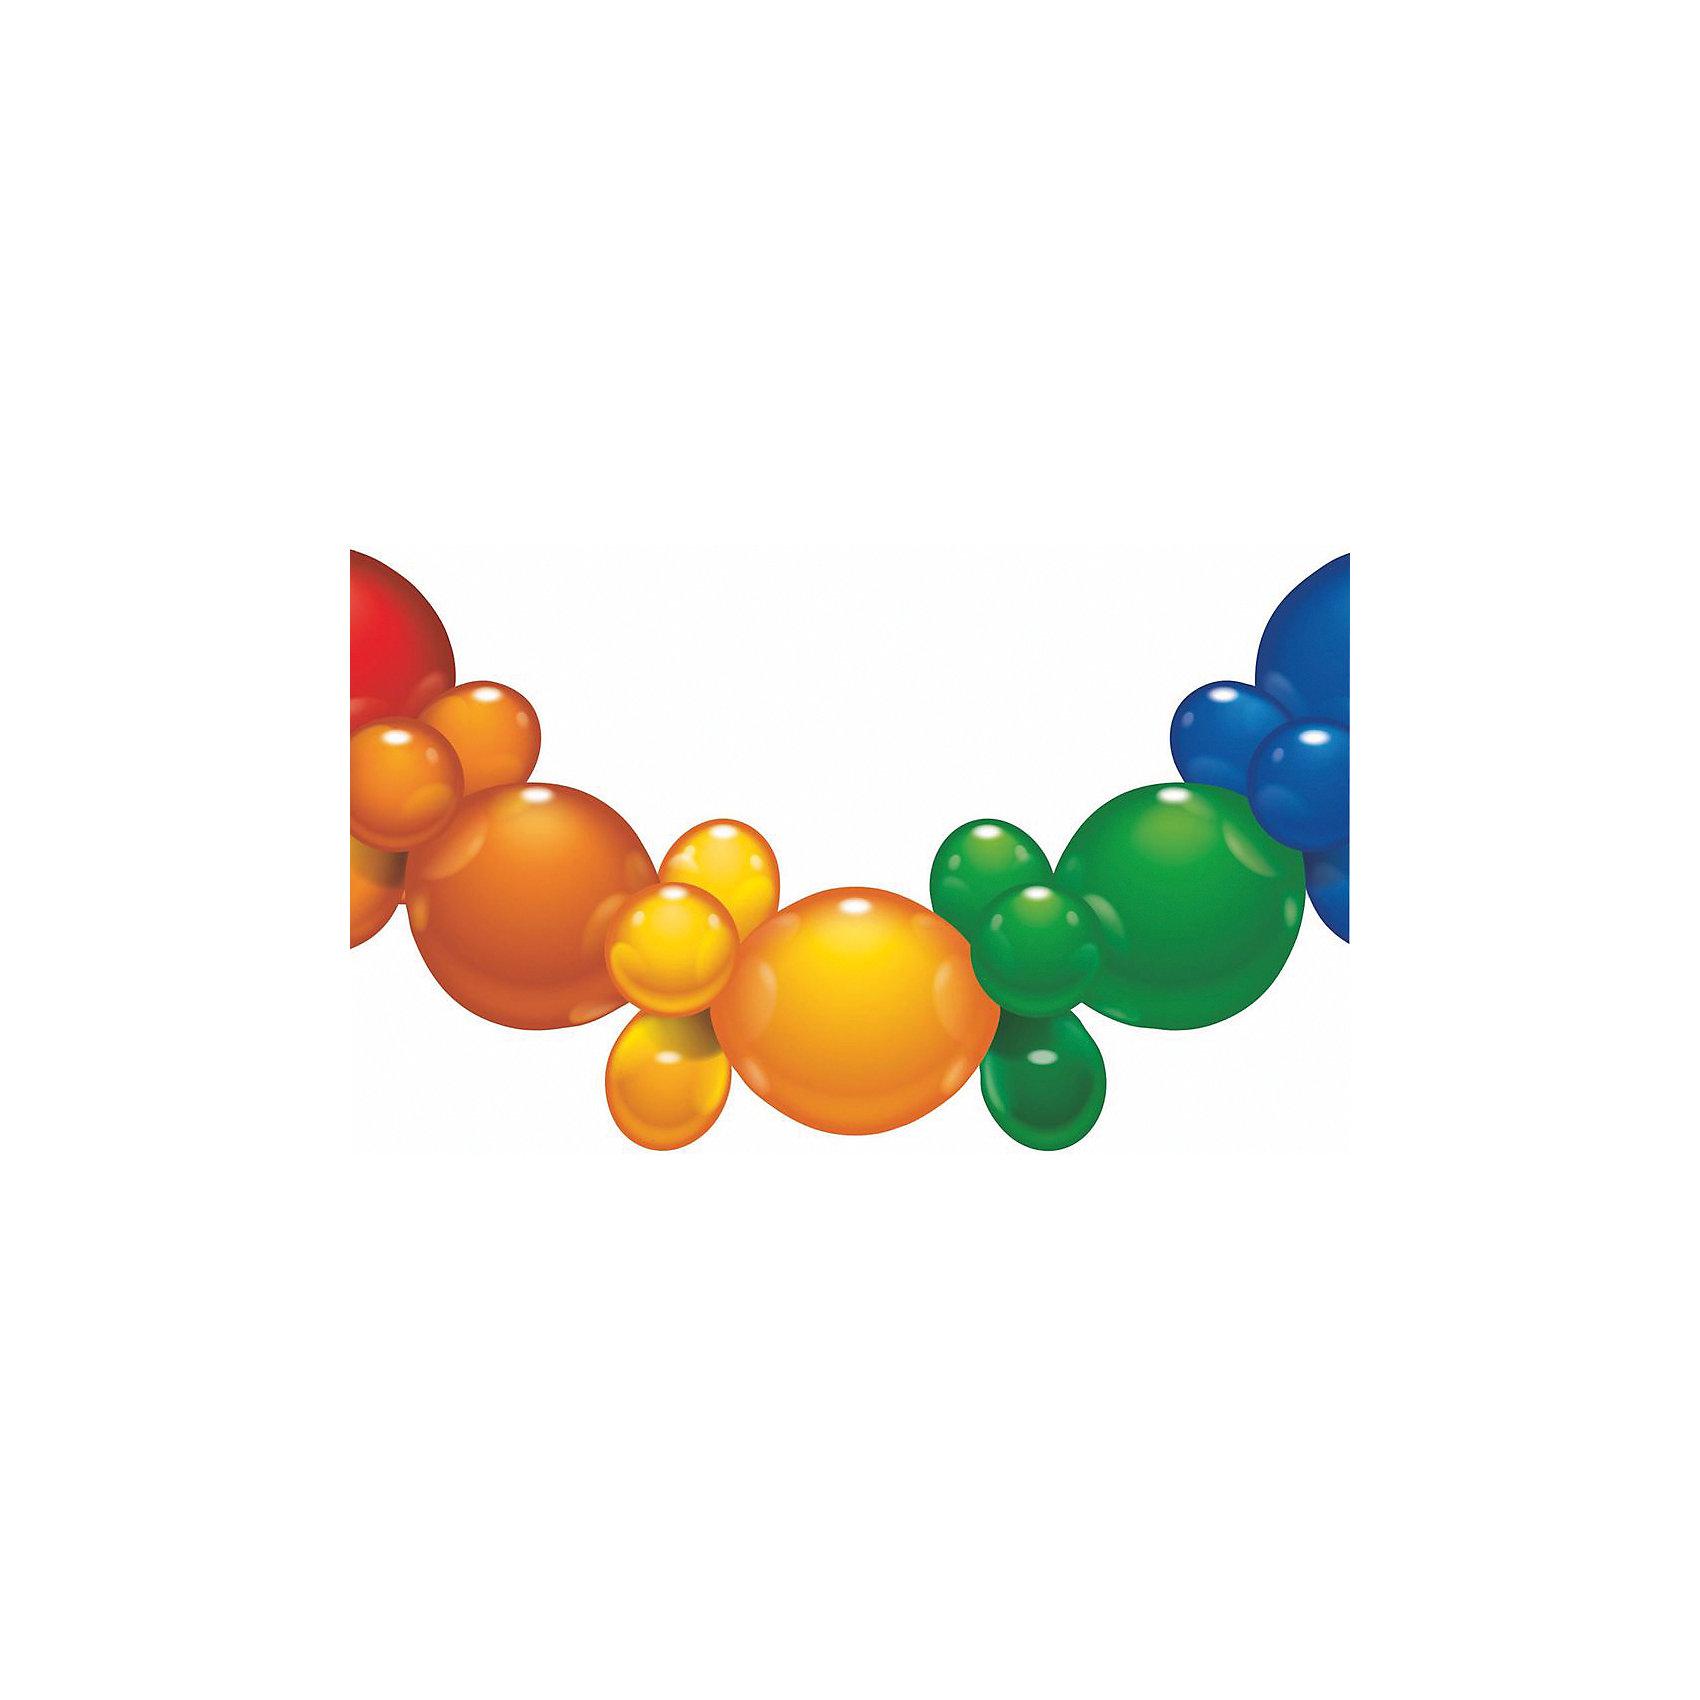 Гирлянда из шаров, 1.75 м., 25 шаров, блистерВсё для праздника<br>Характеристики товара:<br><br>• возраст: от 3 лет<br>• цвет: мульти<br>• материал: биоразлагаемый латекс<br>• размер упаковки: 17х21х3 см<br>• длина: 1,75 м<br>• 25 шаров<br>• вес: 80 г<br>• страна бренда: Германия<br>• страна изготовитель: Германия<br><br>Разноцветная гирлянда из шаров добавит ярких красок в интерьер и дополнит атмосферу праздника. <br><br>Она без труда крепится и ею можно украсить стены или окно помещения.<br><br>Изделие произведено из безопасного для детей материала.<br><br>Гирлянду из шаров 1.75 м., 25 шаров, блистер, от бренда Herlitz (Херлиц) можно купить в нашем интернет-магазине.<br><br>Ширина мм: 8<br>Глубина мм: 175<br>Высота мм: 210<br>Вес г: 81<br>Возраст от месяцев: 36<br>Возраст до месяцев: 2147483647<br>Пол: Унисекс<br>Возраст: Детский<br>SKU: 6886474